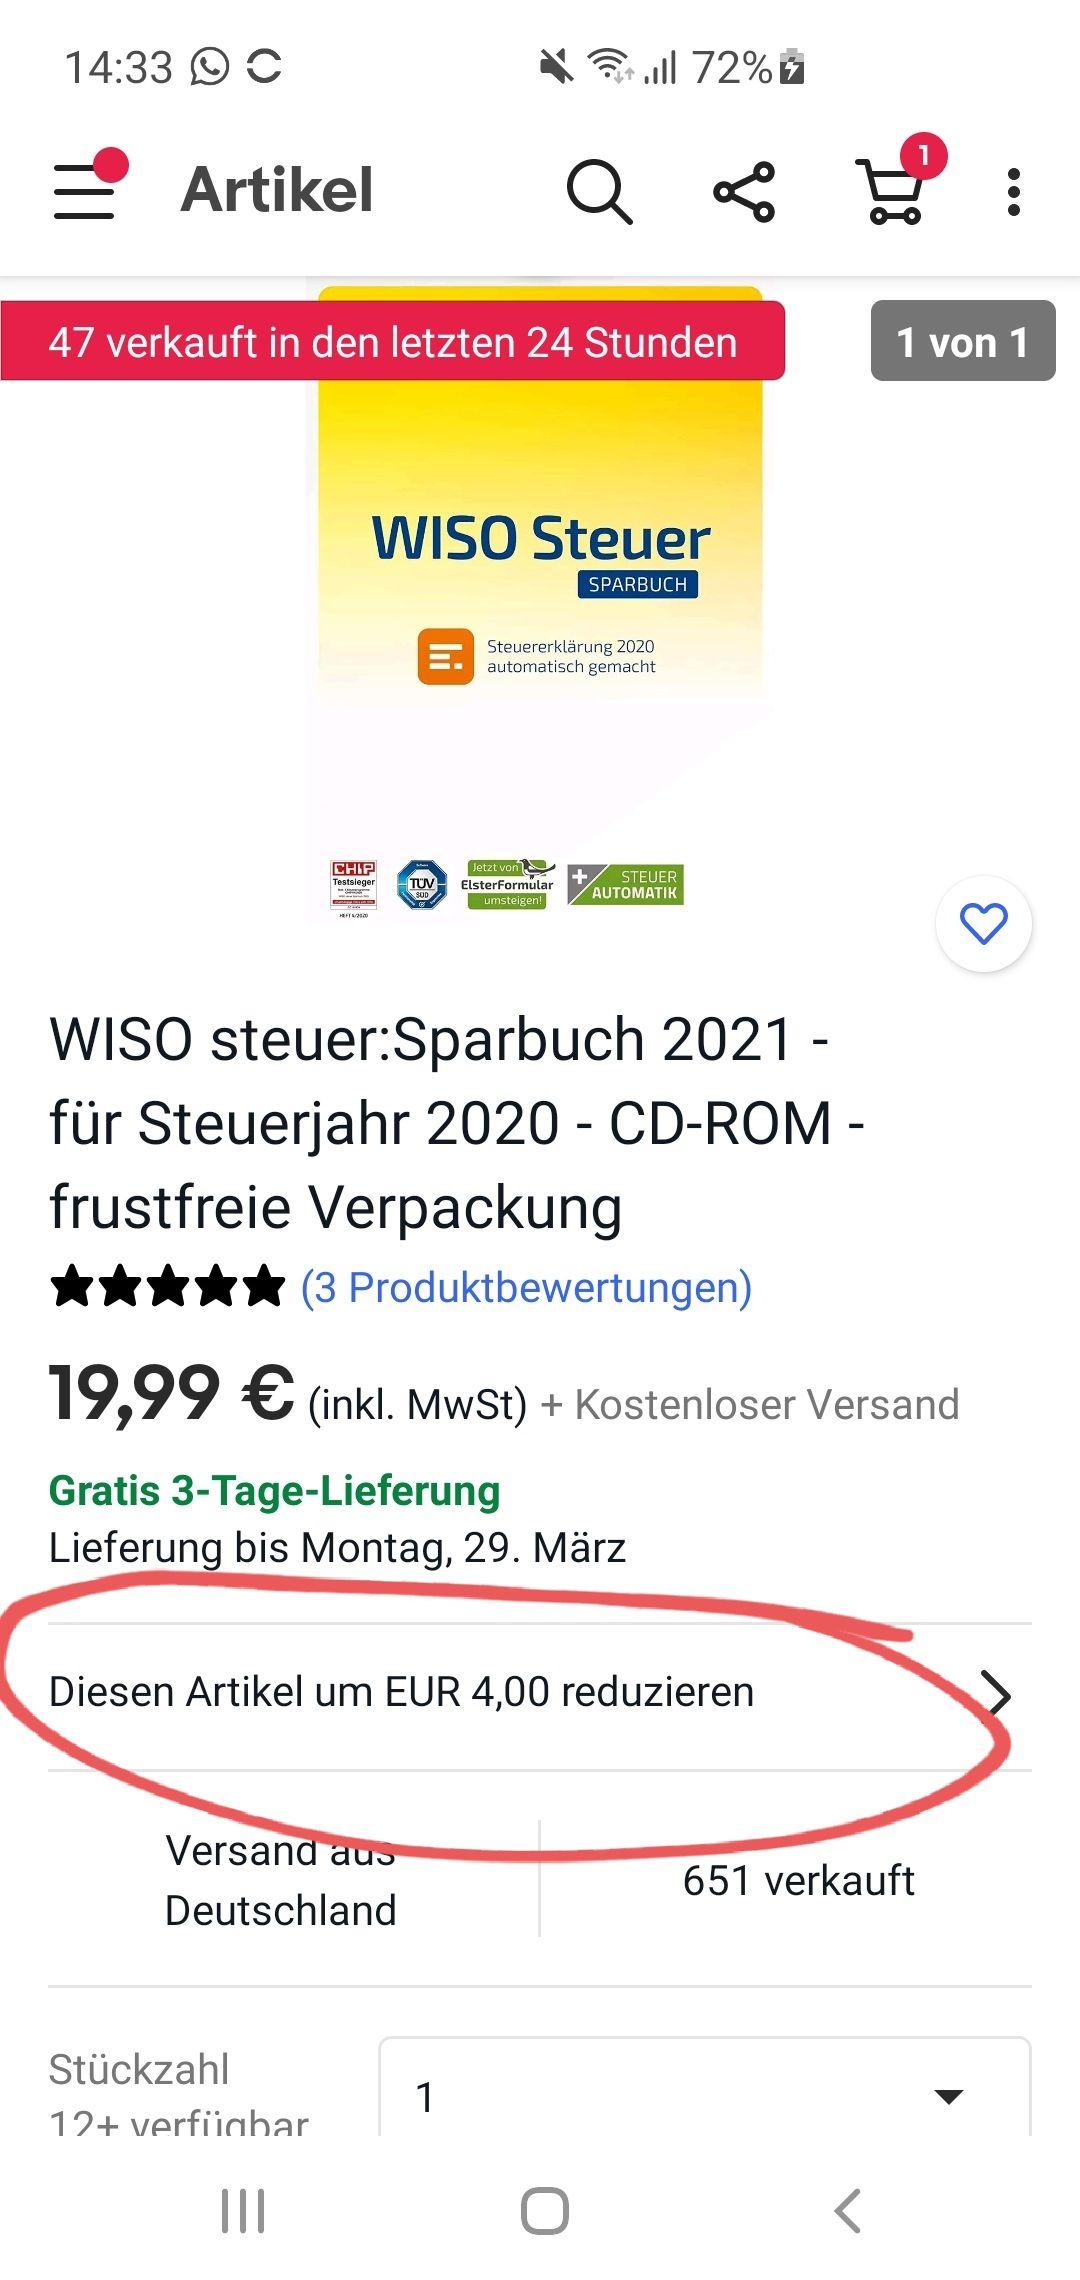 WISO steuer:Sparbuch 2021 (CD-ROM mit frustfreier Verpackung) für 15,99 EUR bei Nutzung der App mit Gutschein (personalisiert?)